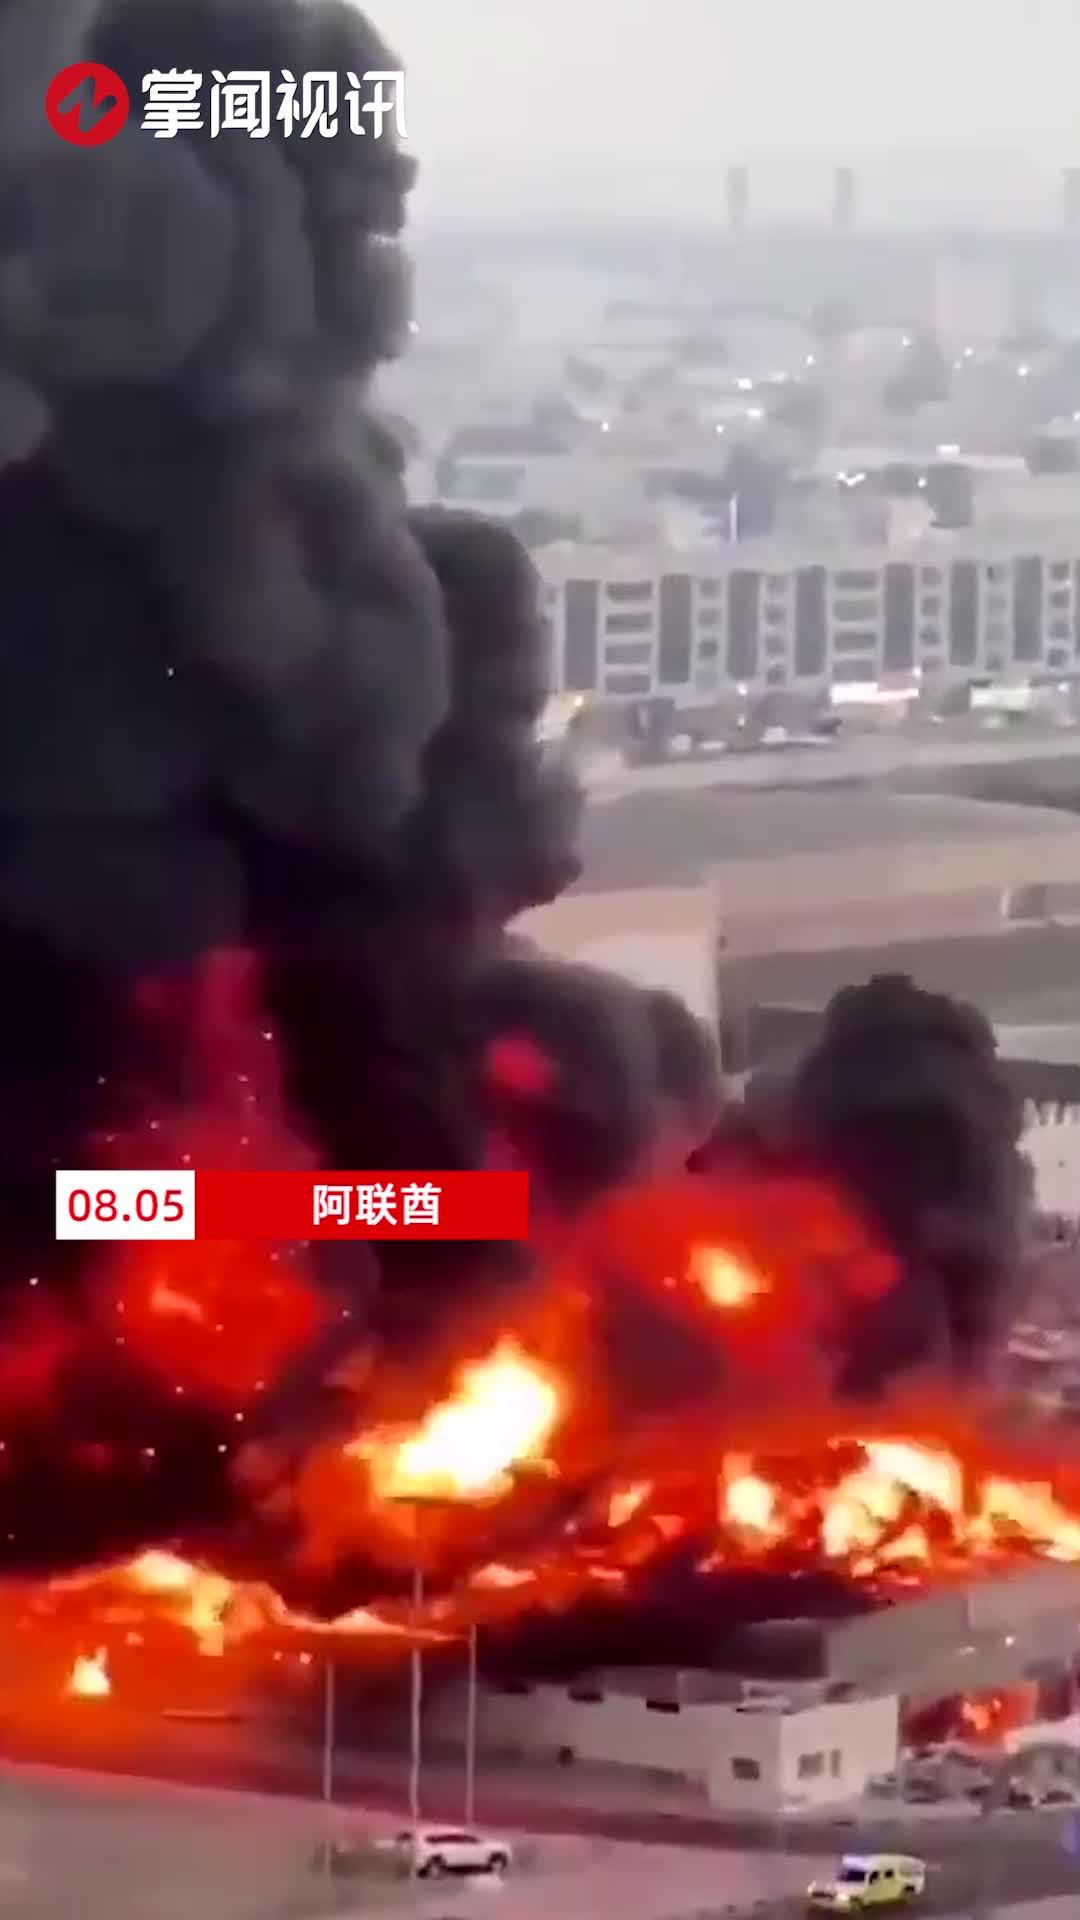 阿联酋果蔬市场突发大火 现场火势凶猛黑烟滚滚